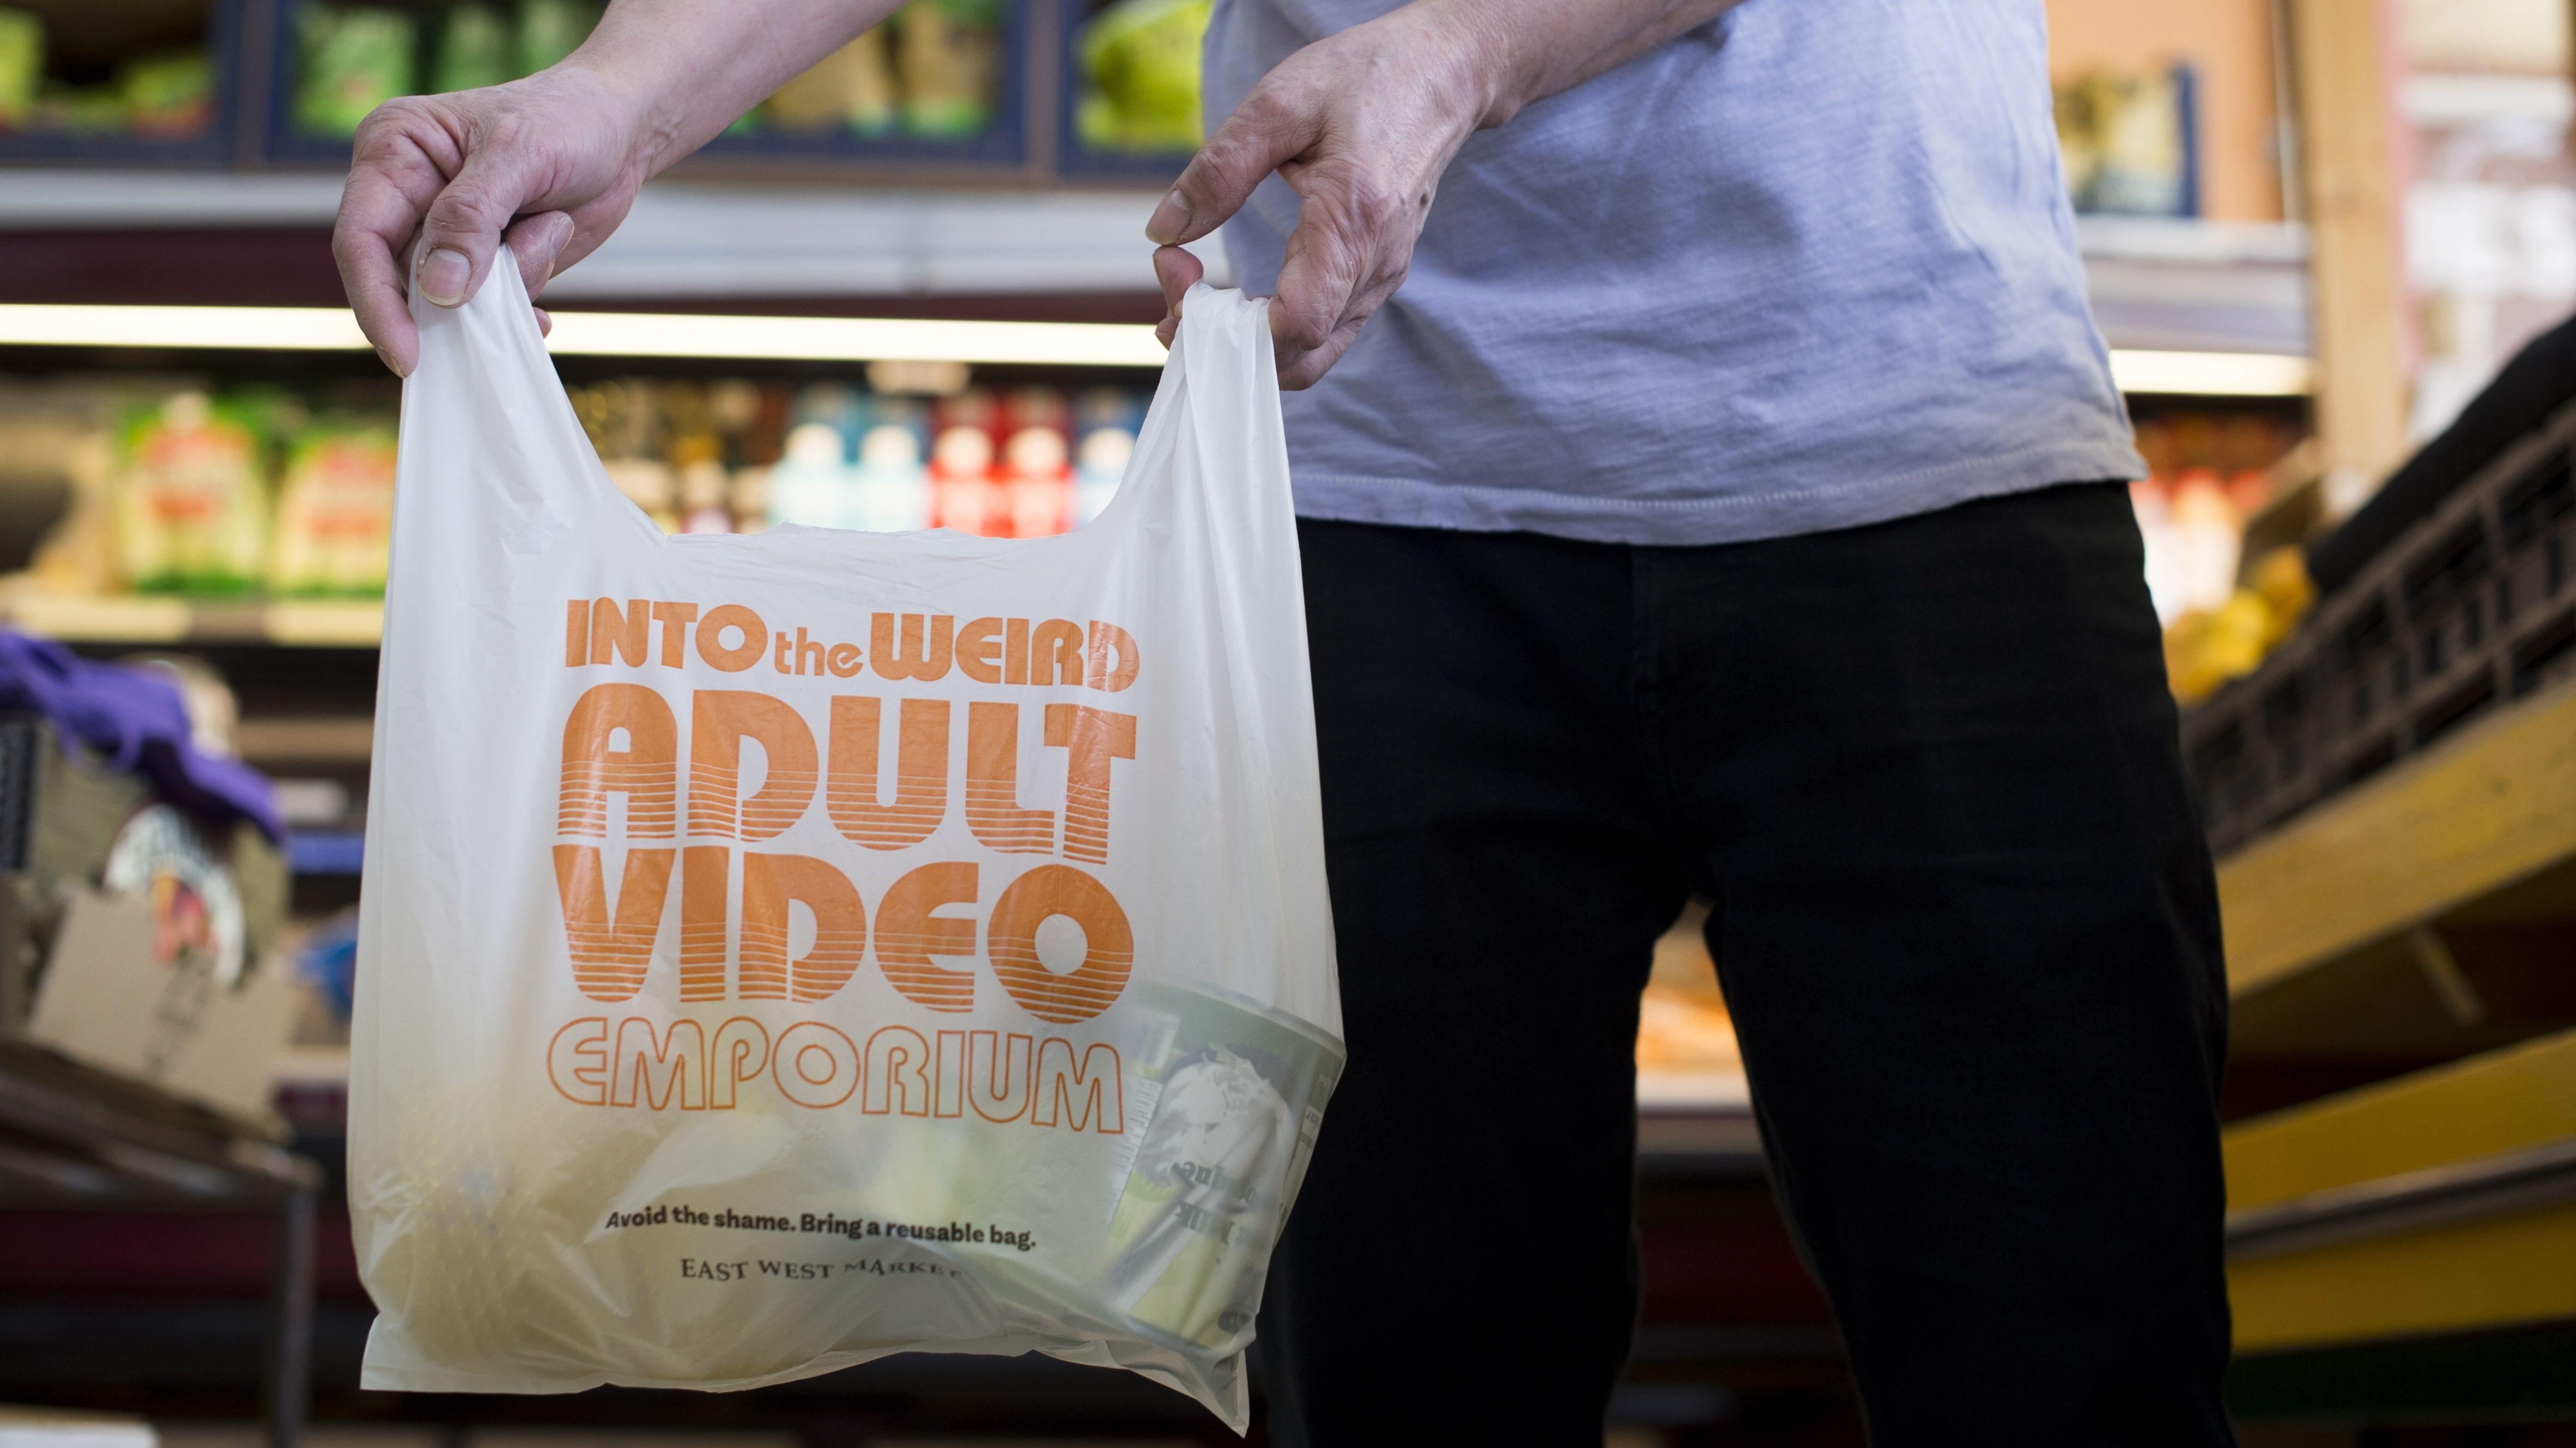 Mann hält in Supermarkt Plastiktüte mit Werbung für einen Pornofilm-Shop.